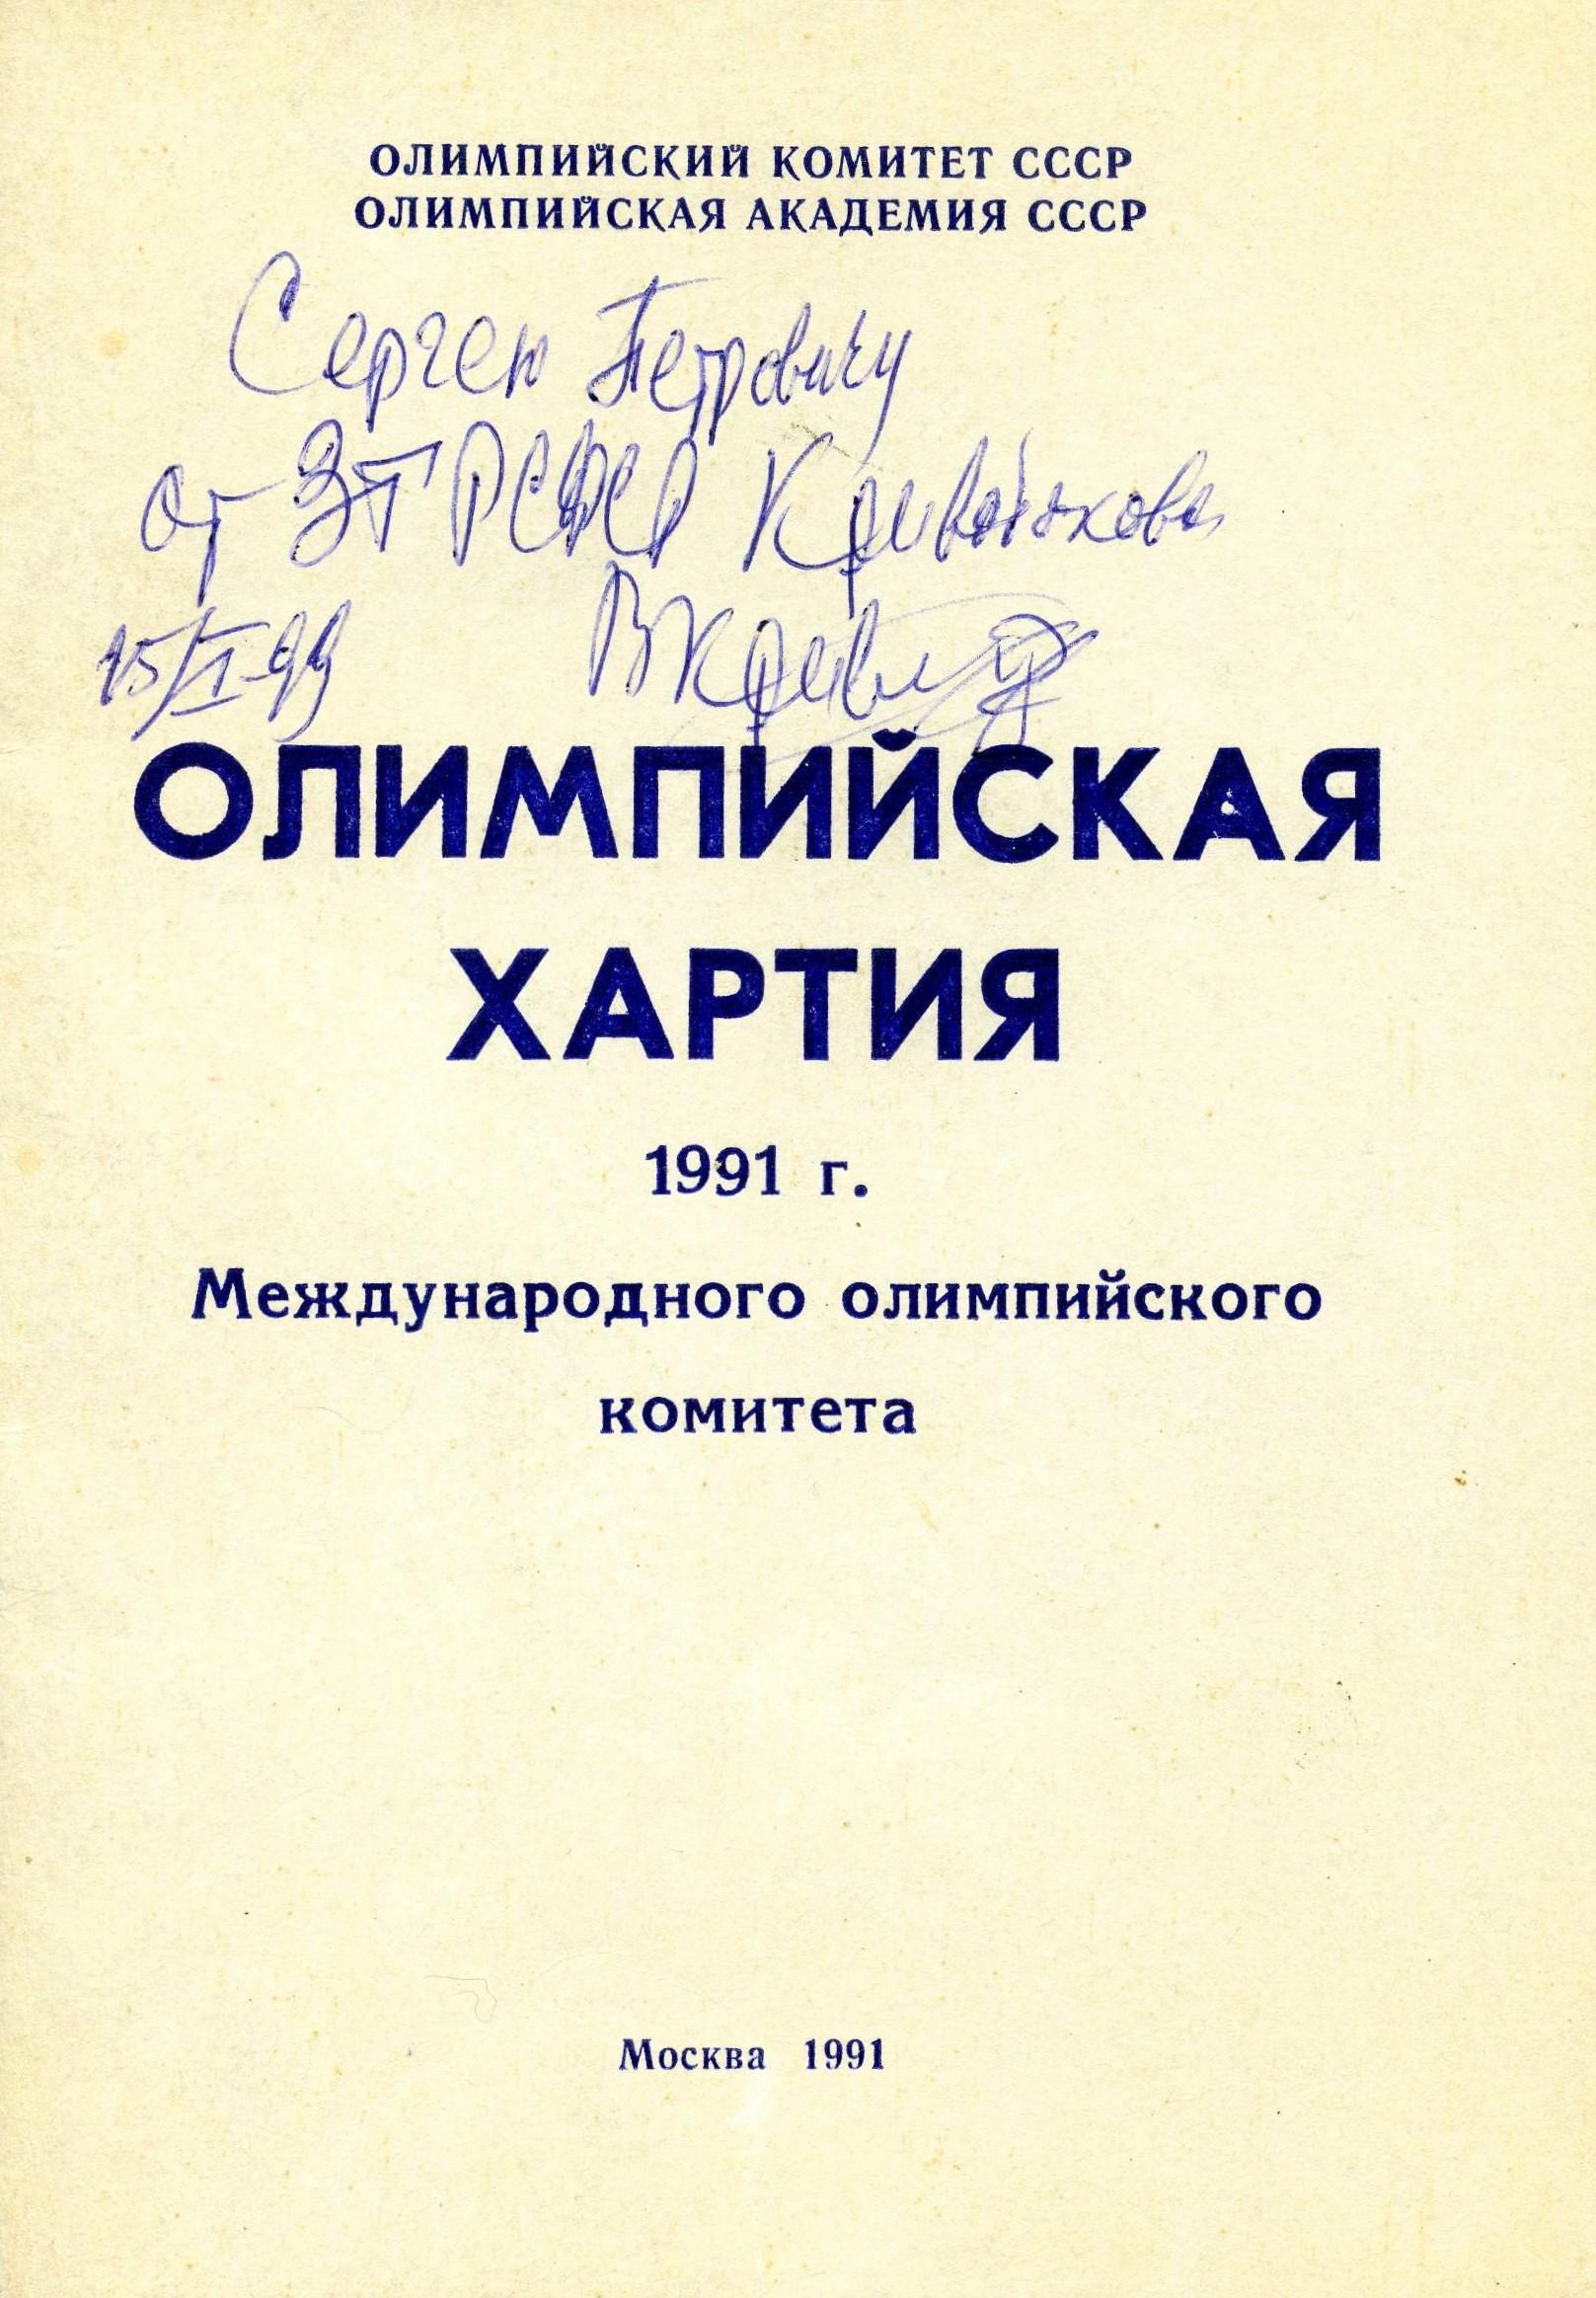 Олимпийская хартия – основа олимпийского движения